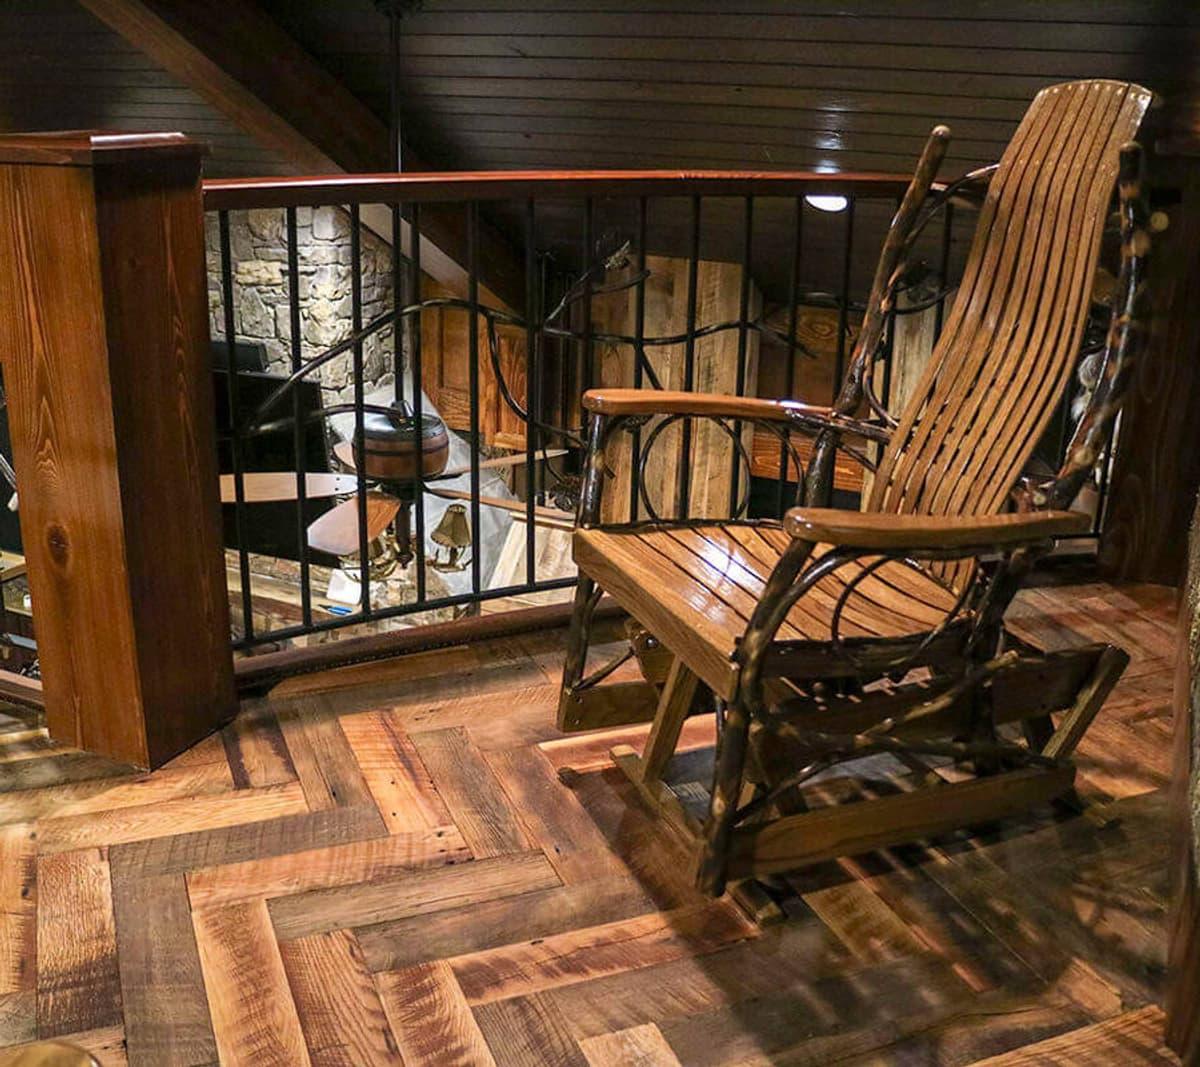 Rustic wood flooring set in herringbone pattern in mountain home loft.